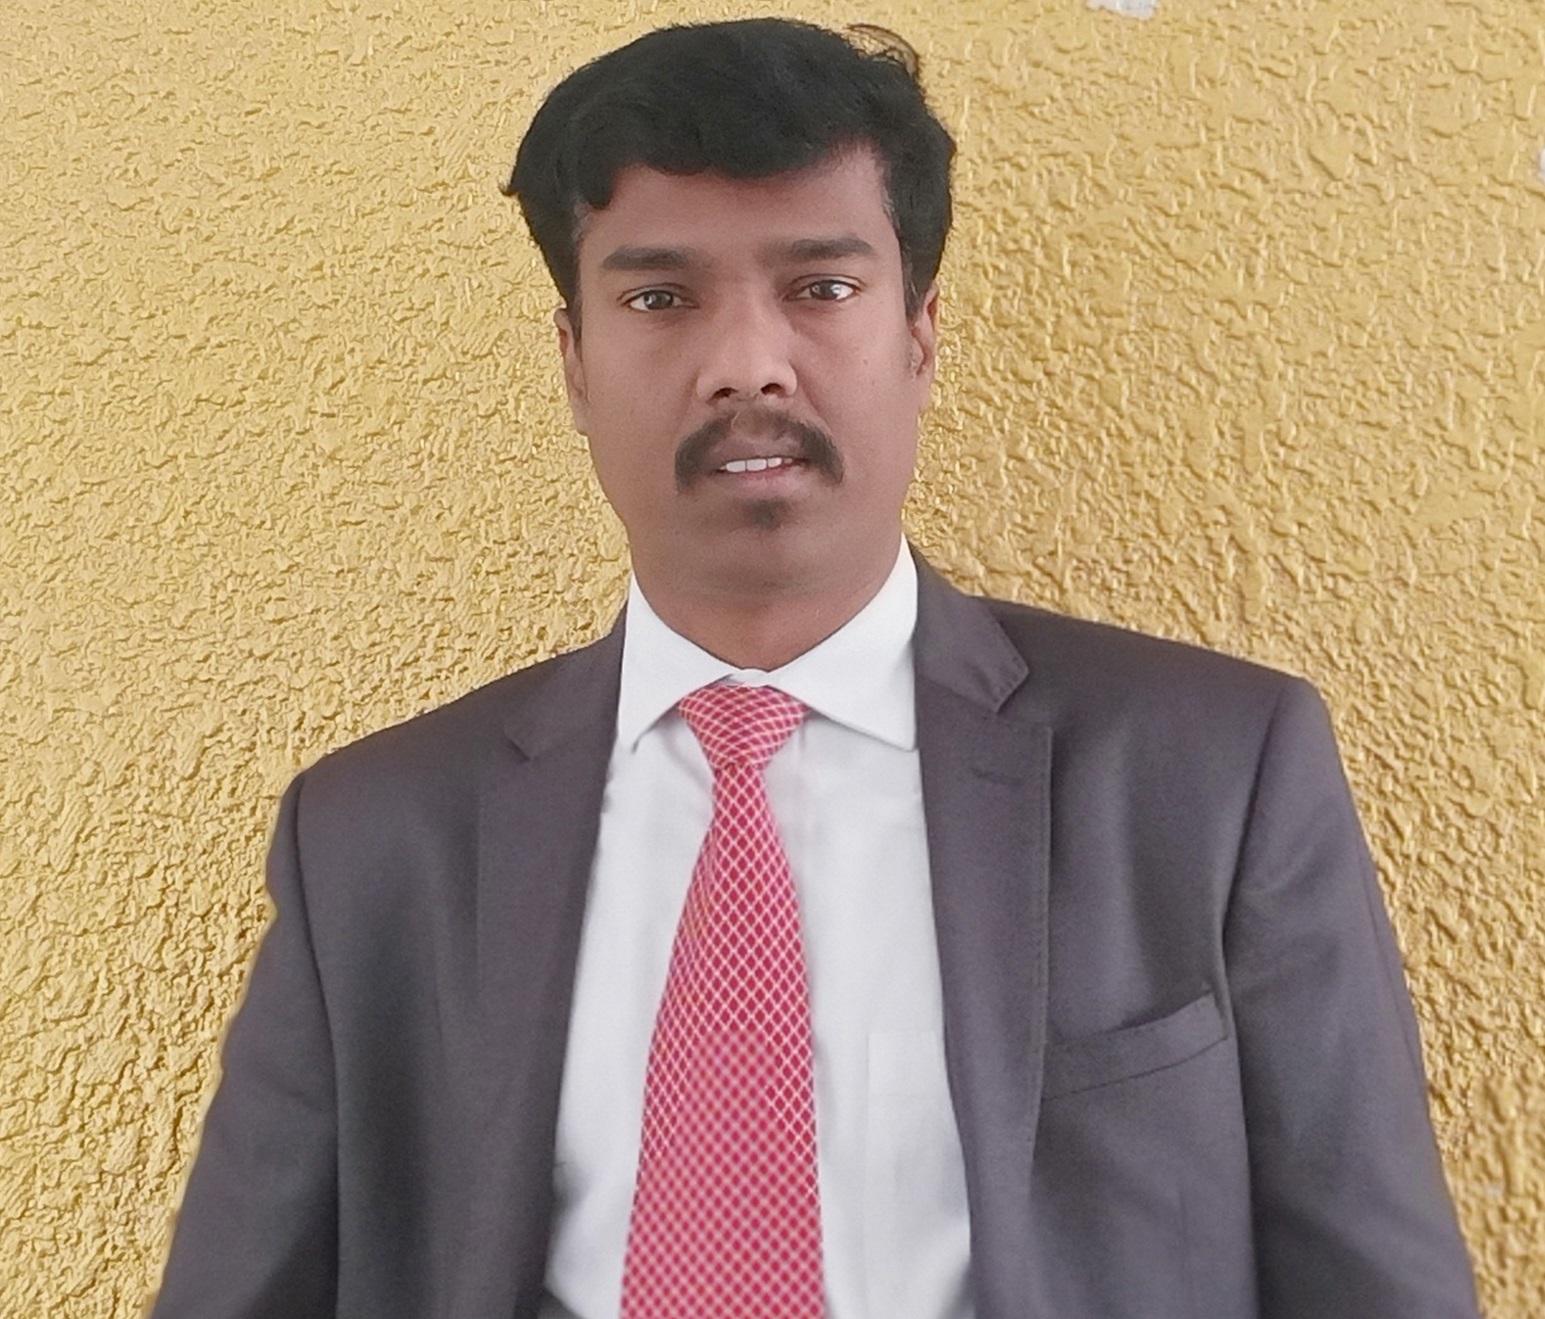 Navaneethan-M